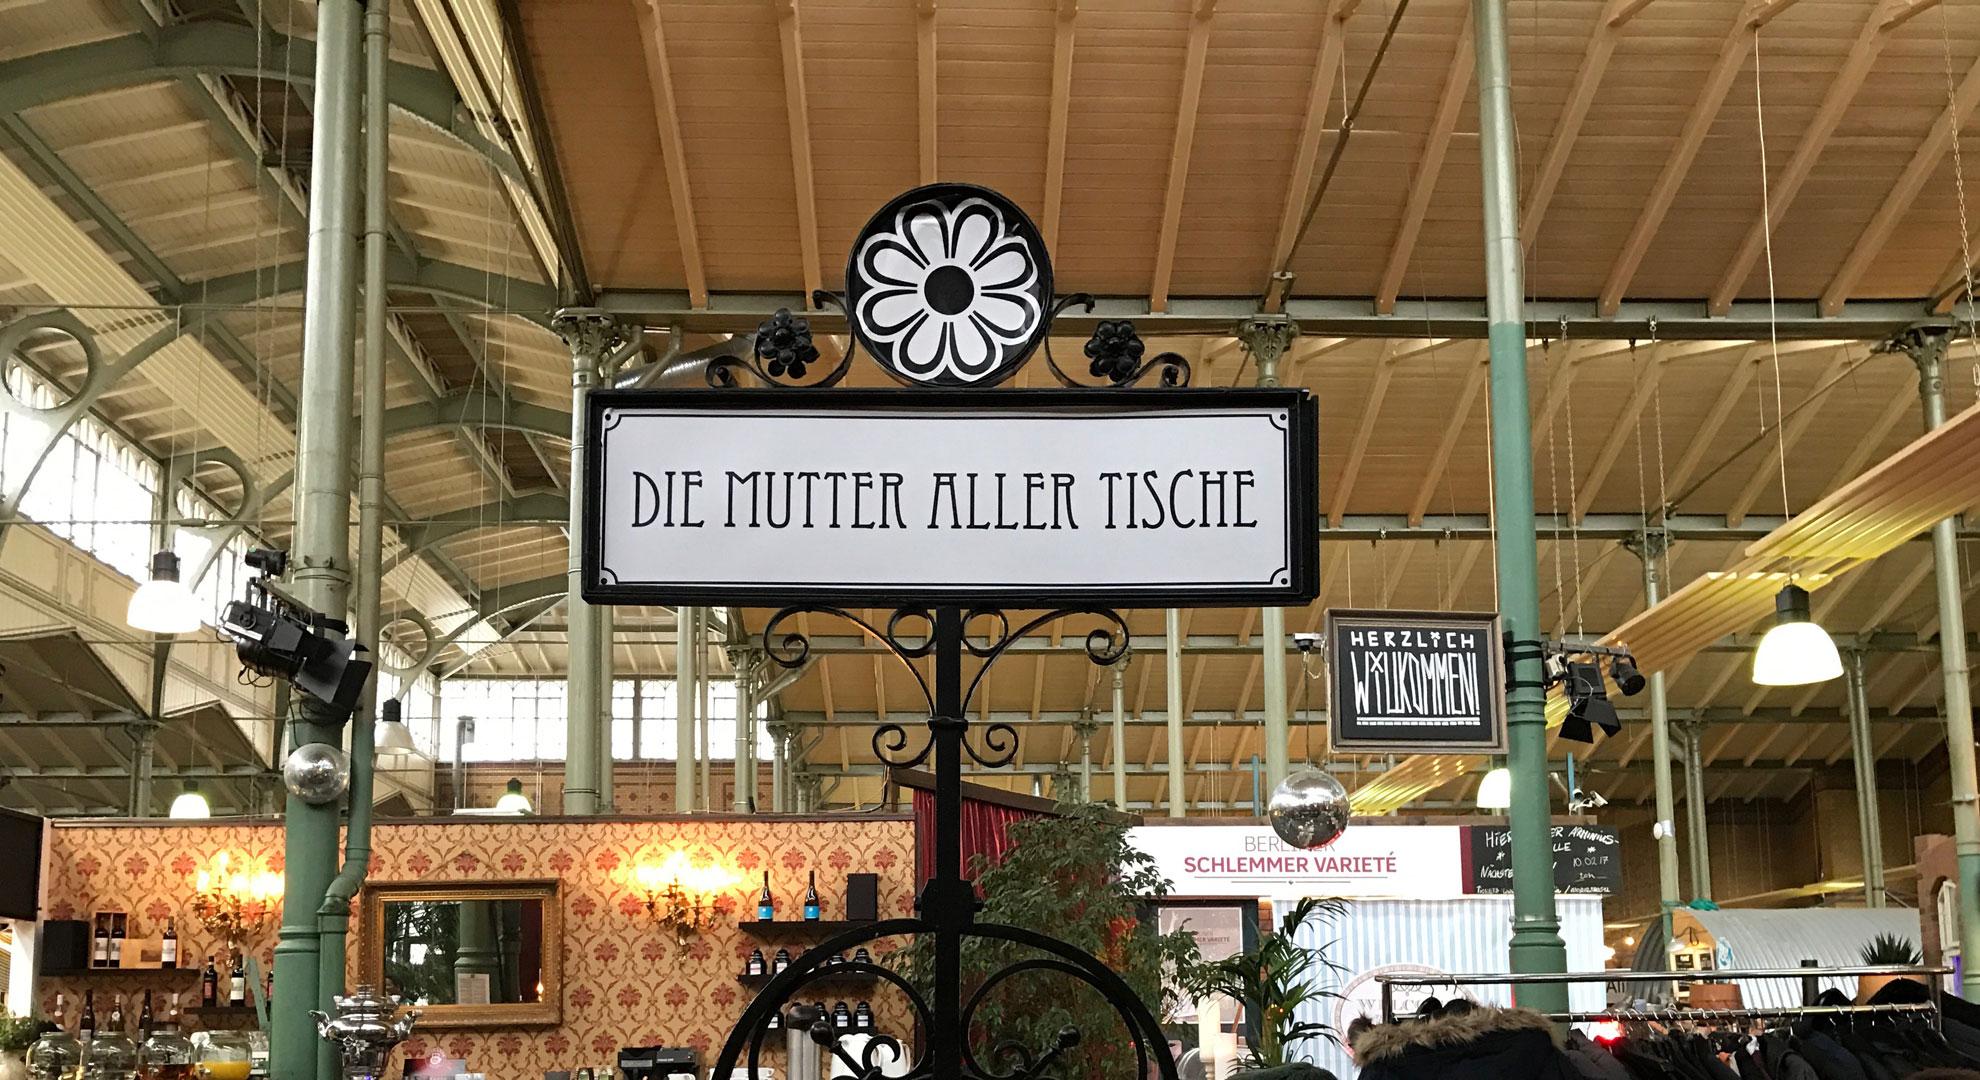 Markthalle Moabit in Berlin | www.dearliciouscom